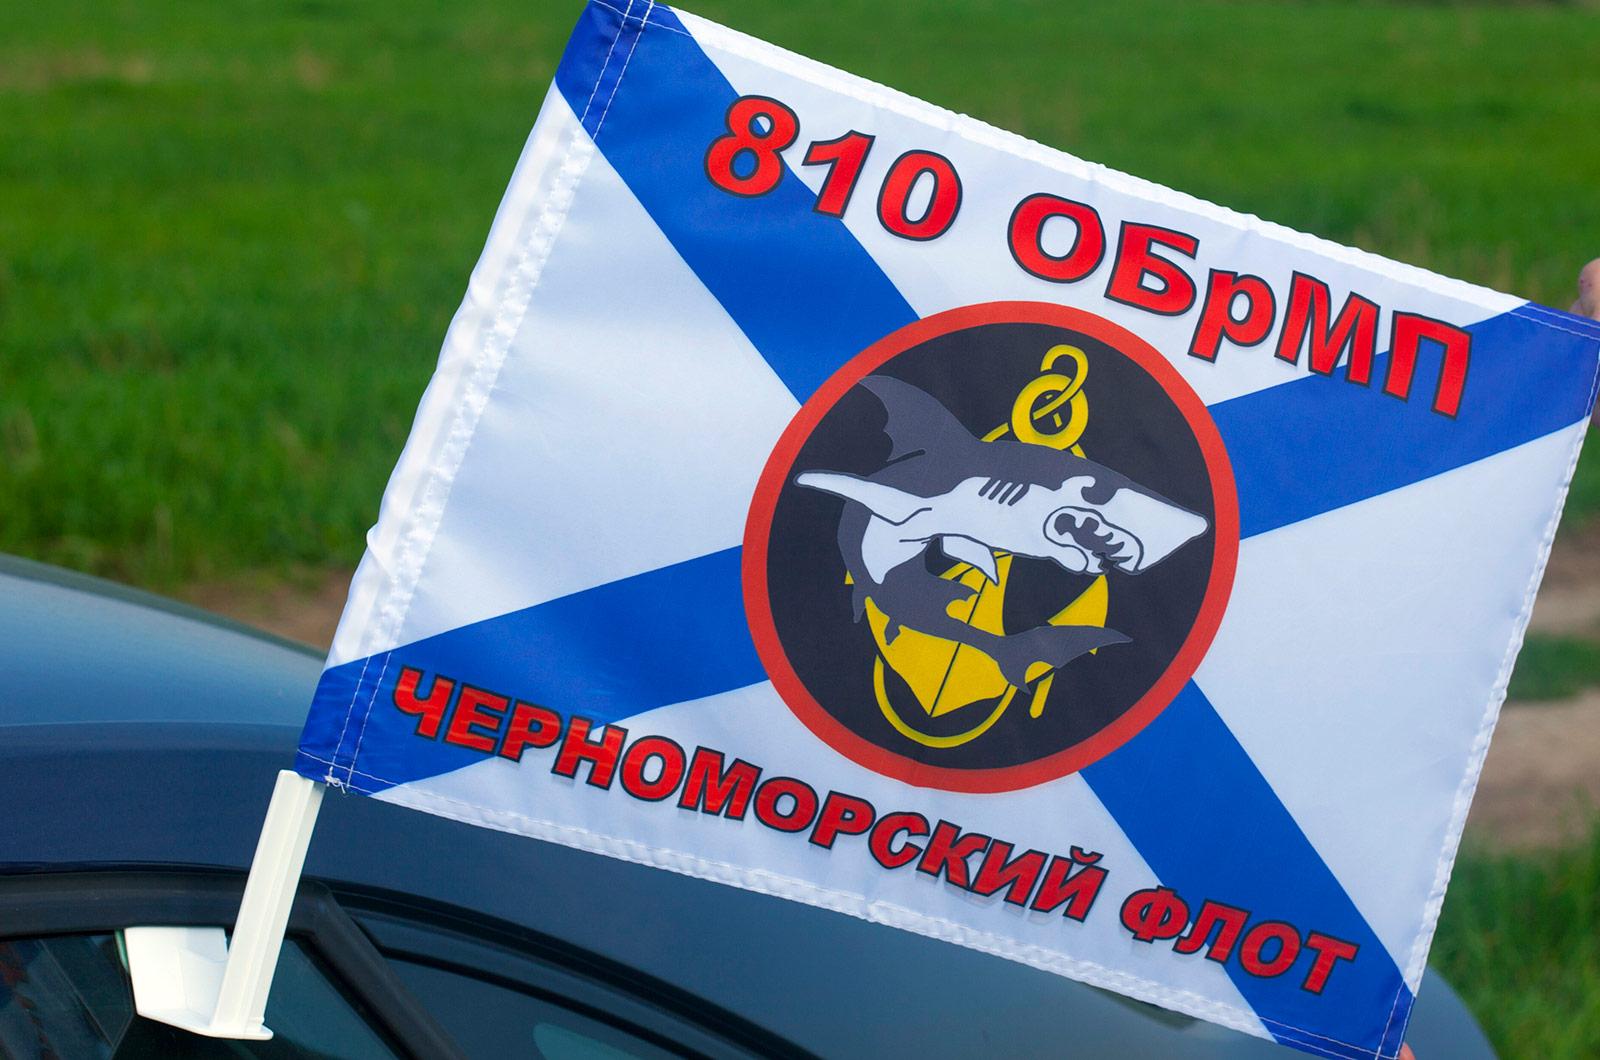 Флаг на машину с кронштейном Морская Пехота 810 ОБрМП